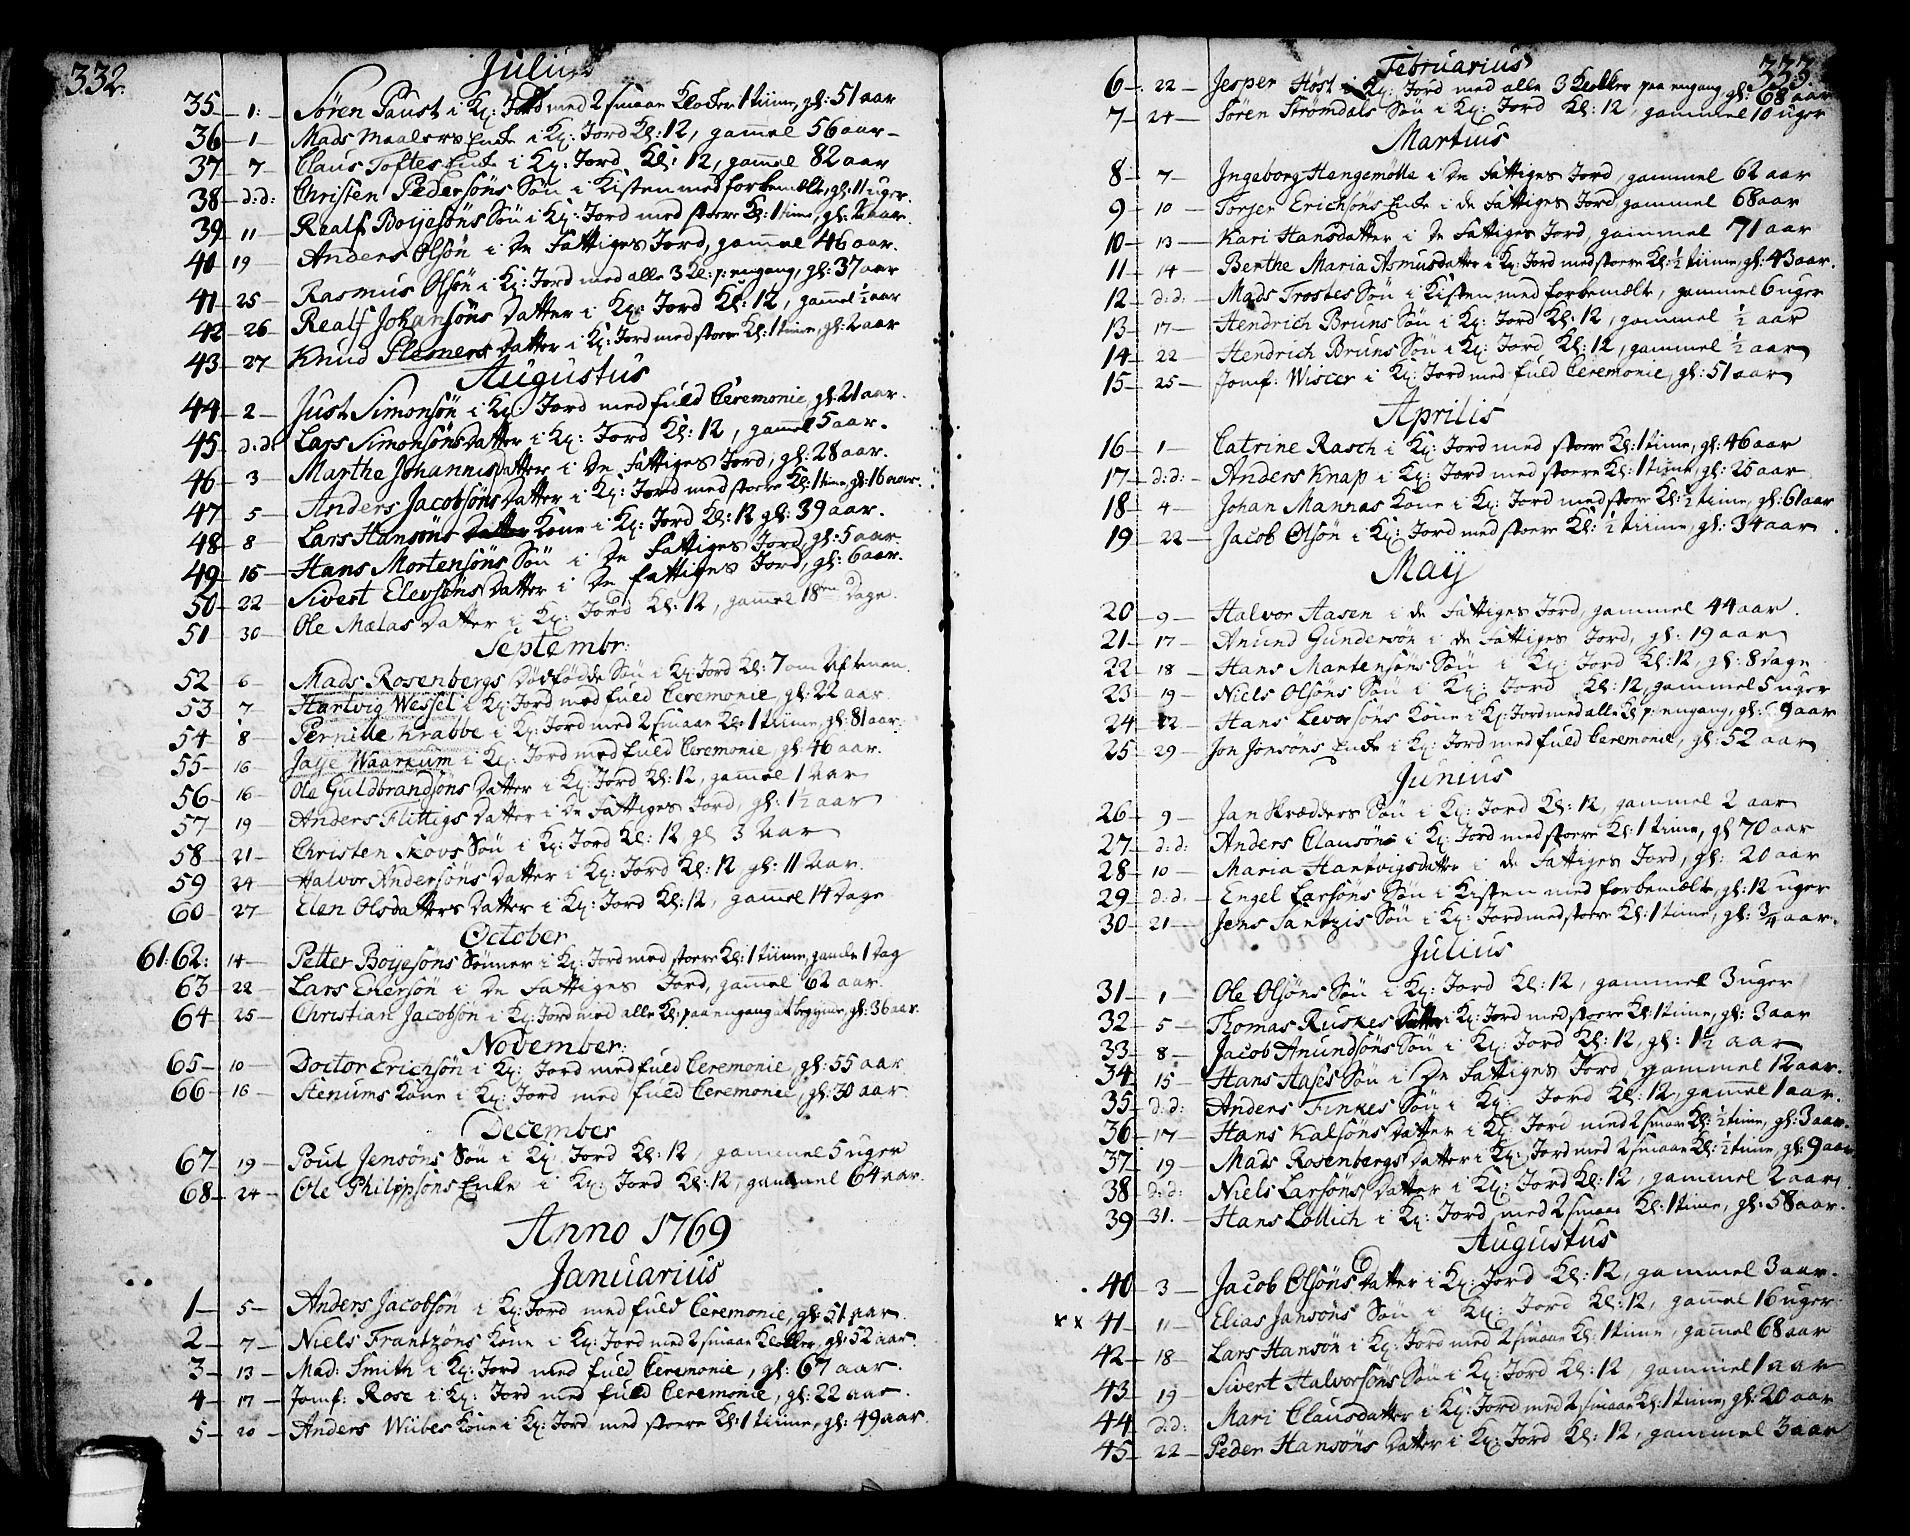 SAKO, Skien kirkebøker, F/Fa/L0003: Ministerialbok nr. 3, 1755-1791, s. 332-333